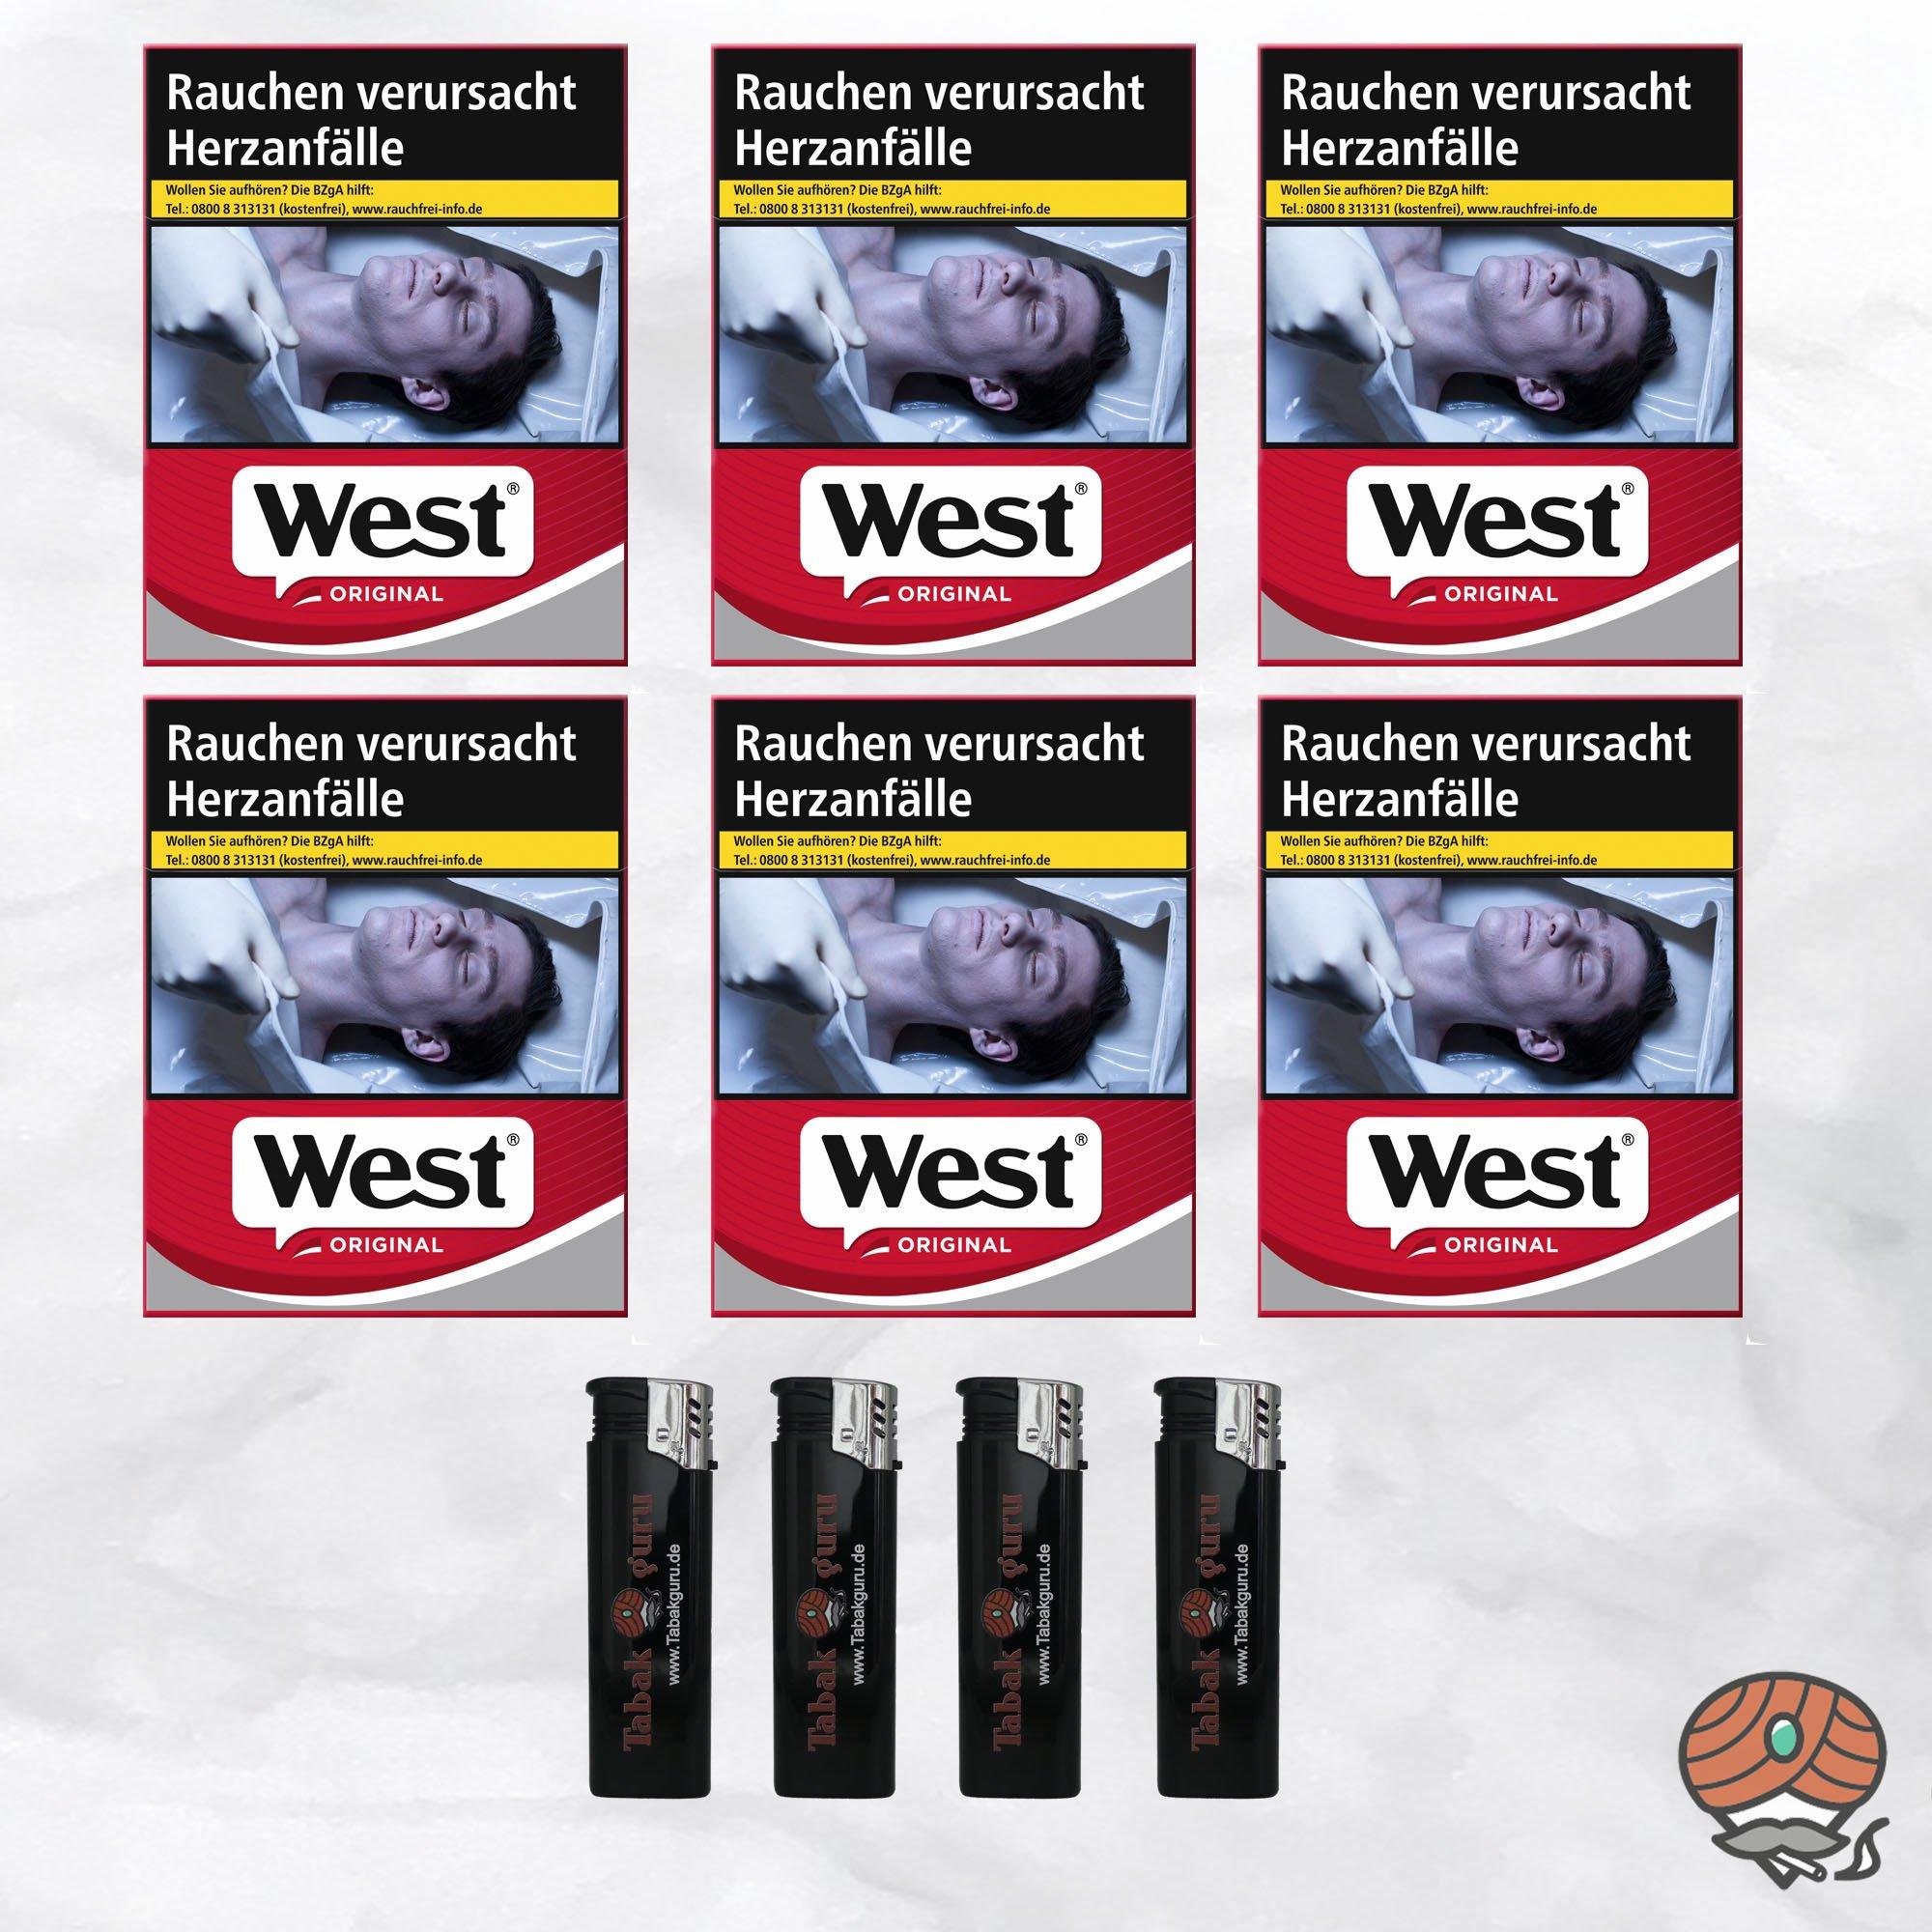 6 West Red Zigaretten à 38 Stück + 4 Feuerzeuge